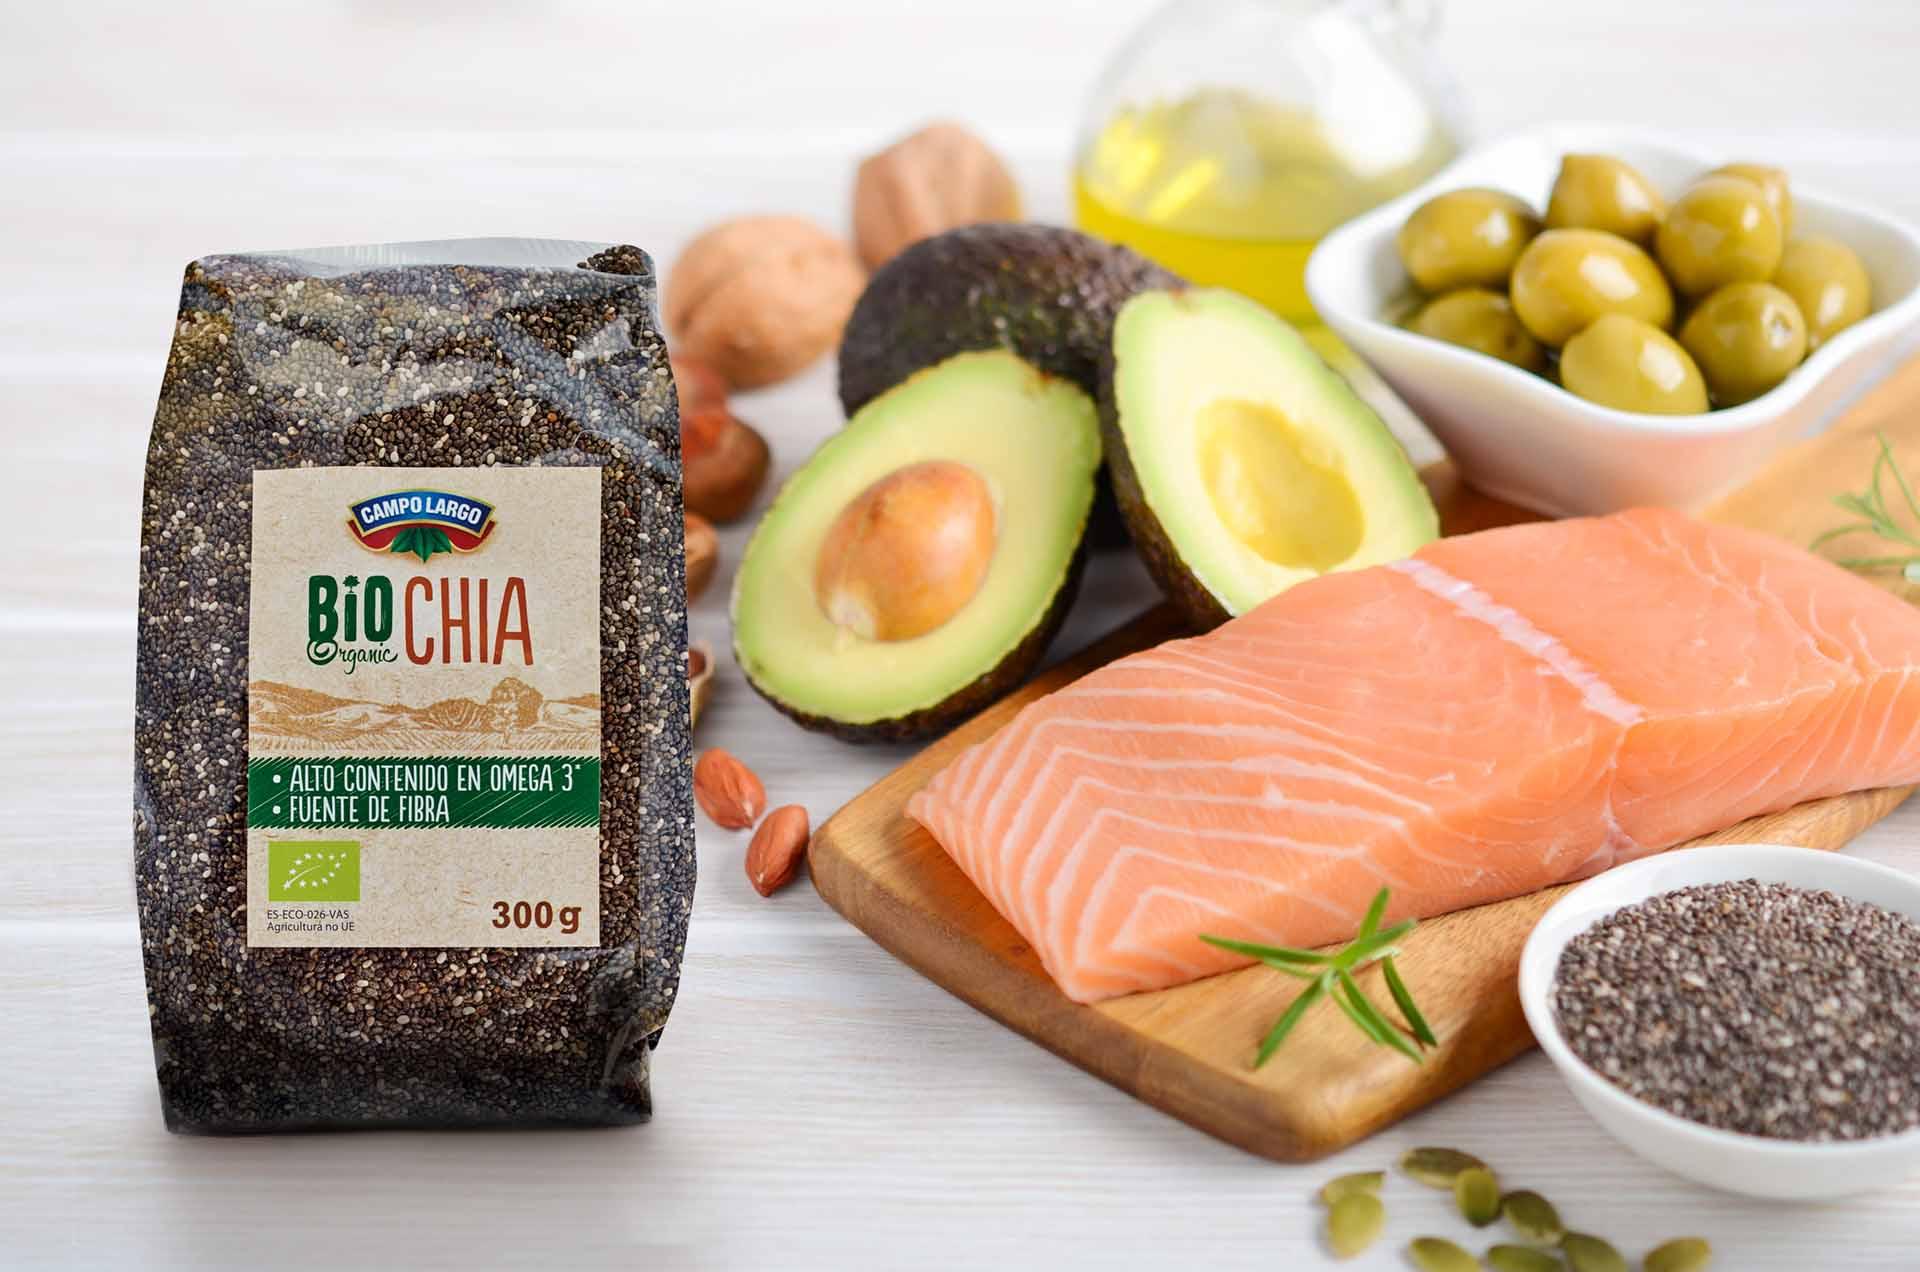 Semillas de chía, nueces y salmón, algunos alimentos con Omega 3 en el supermercado